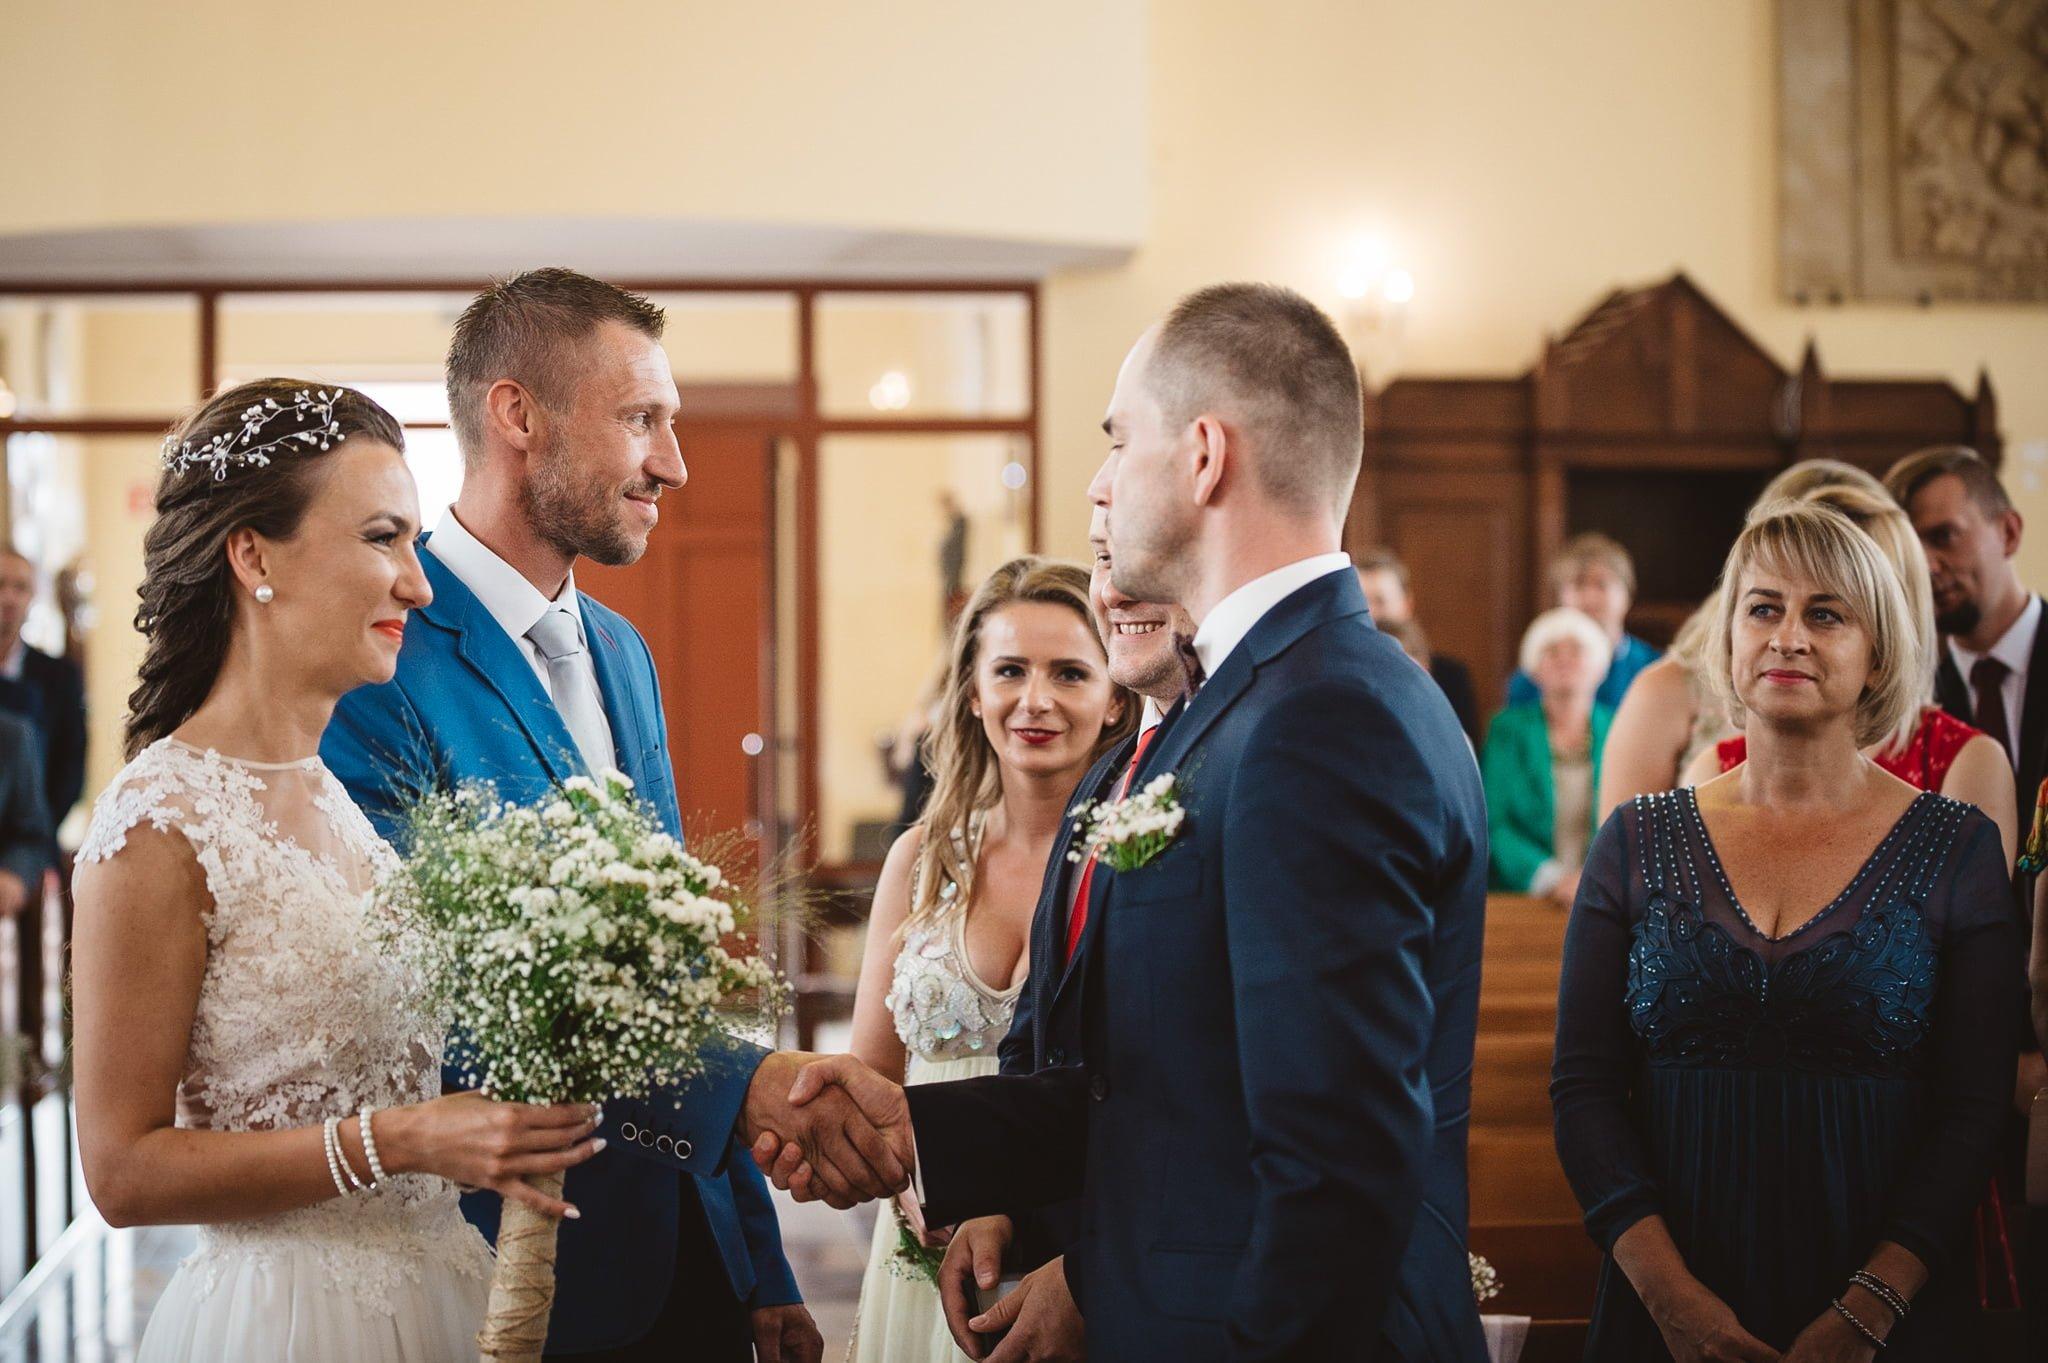 Ala i Arek, czyli jak zorganizować ślub i wesele w 4 tygodnie! 73